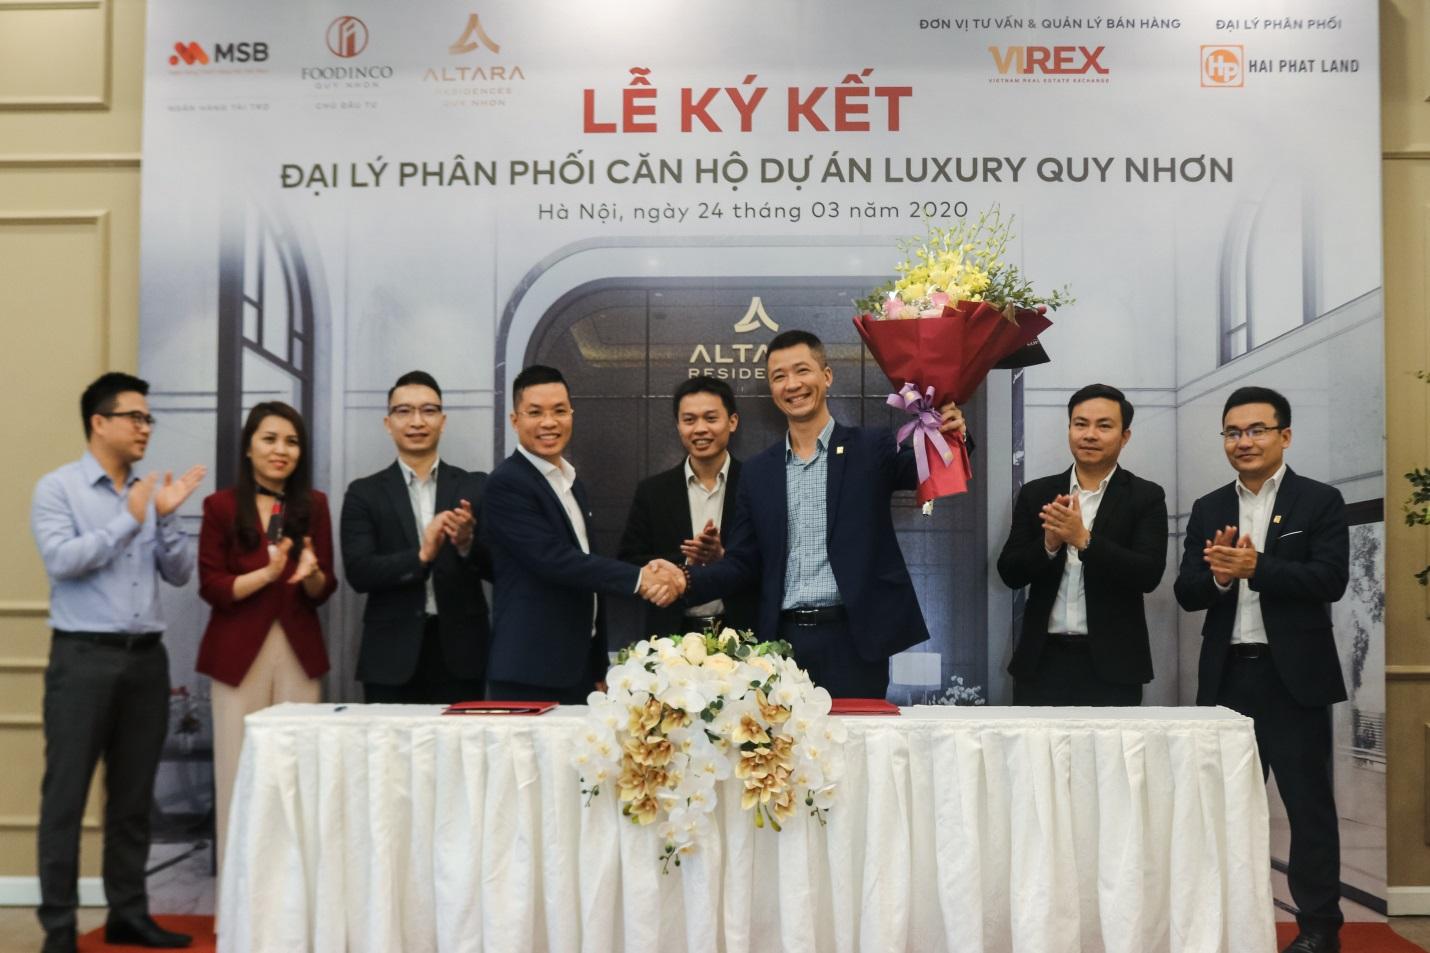 Hải Phát Land trở thành đại lý phân phối dự án Luxury Quy Nhơn  - Ảnh 1